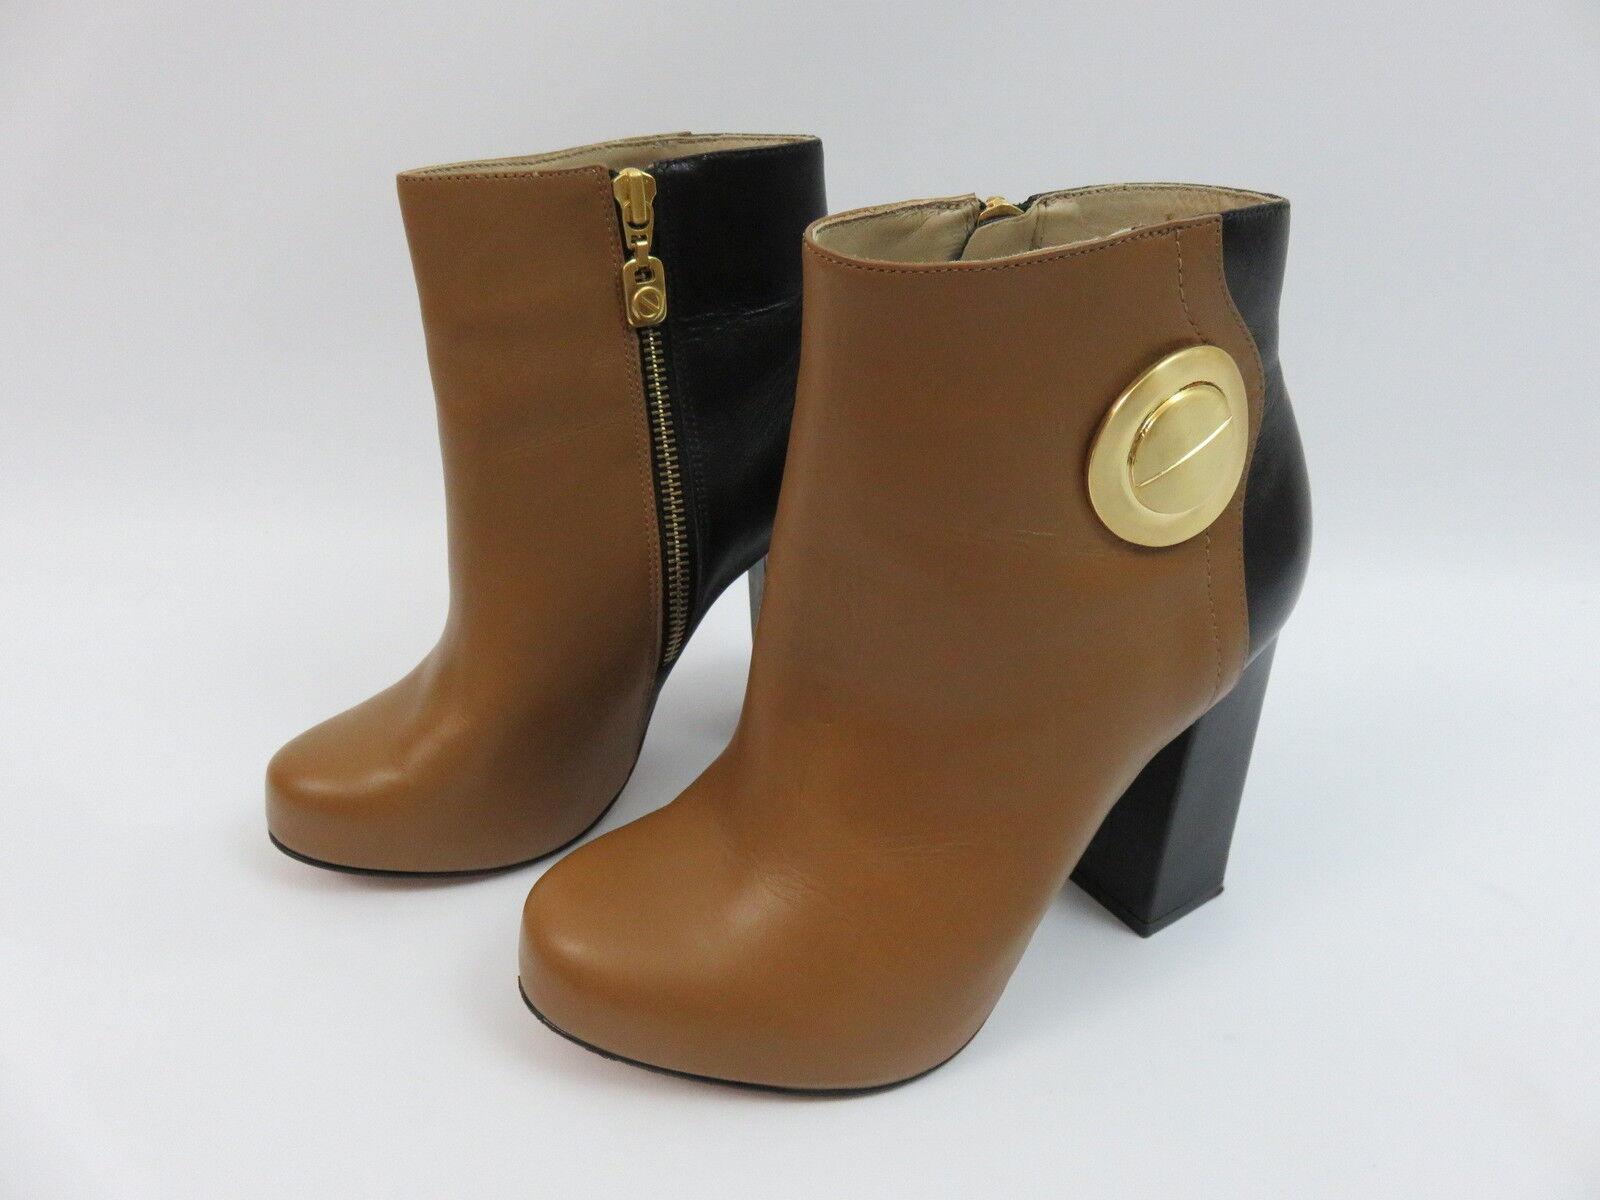 Kat Maconie Stiefelette Ankle Boots Schwarz-Braun Blockabsatz Gr.37 Leder TOP